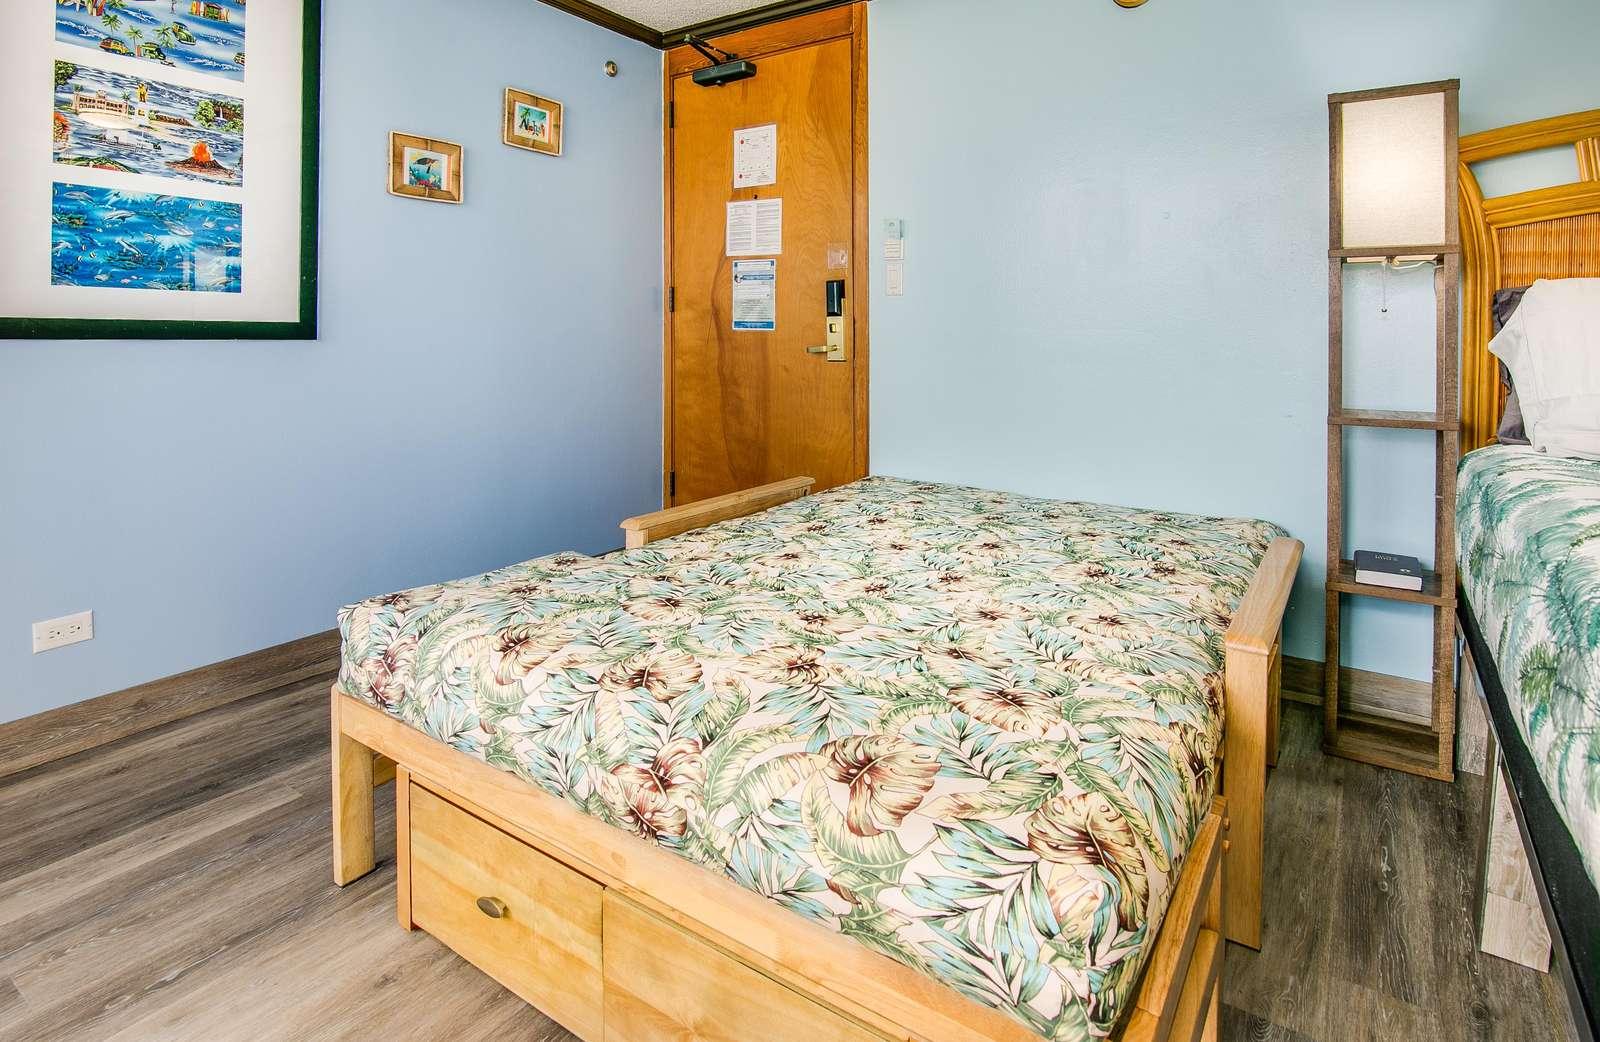 foldout sleeper futon (made-up)